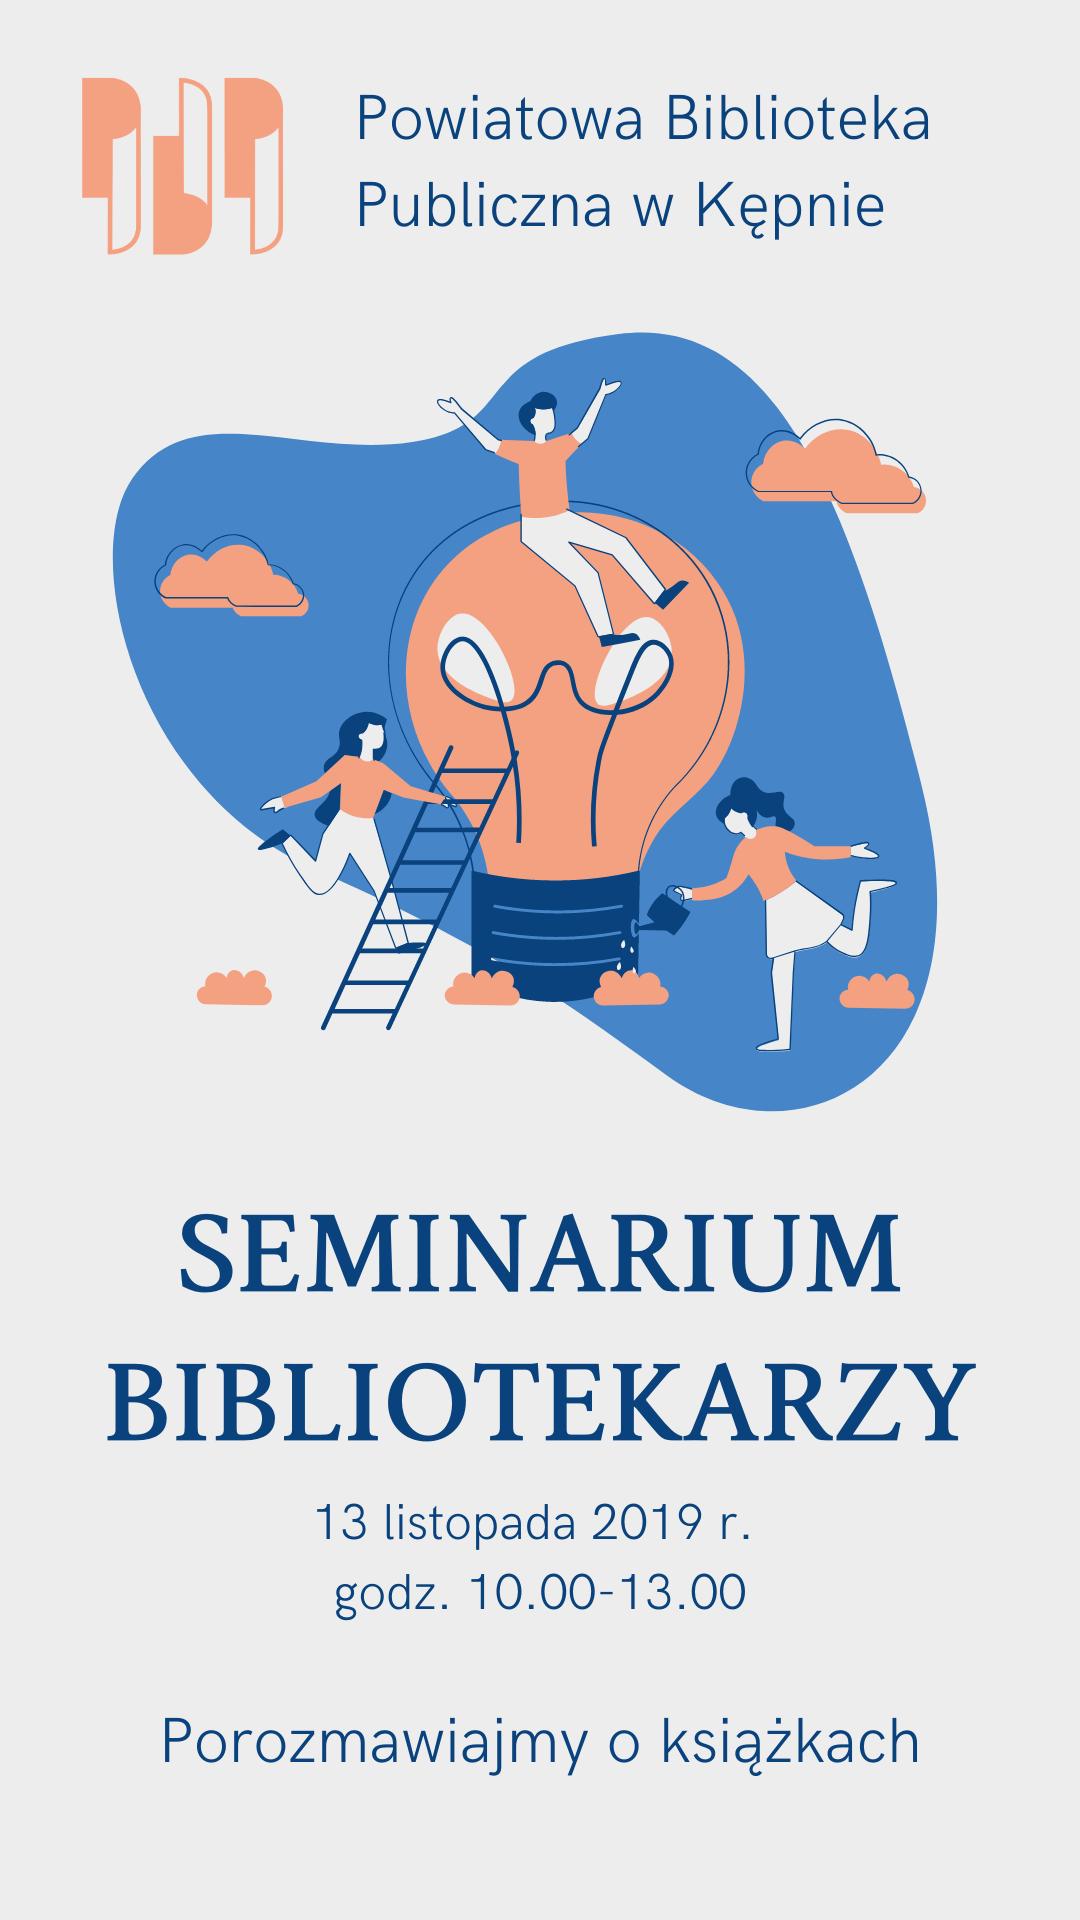 seminarium bibliotekarzy